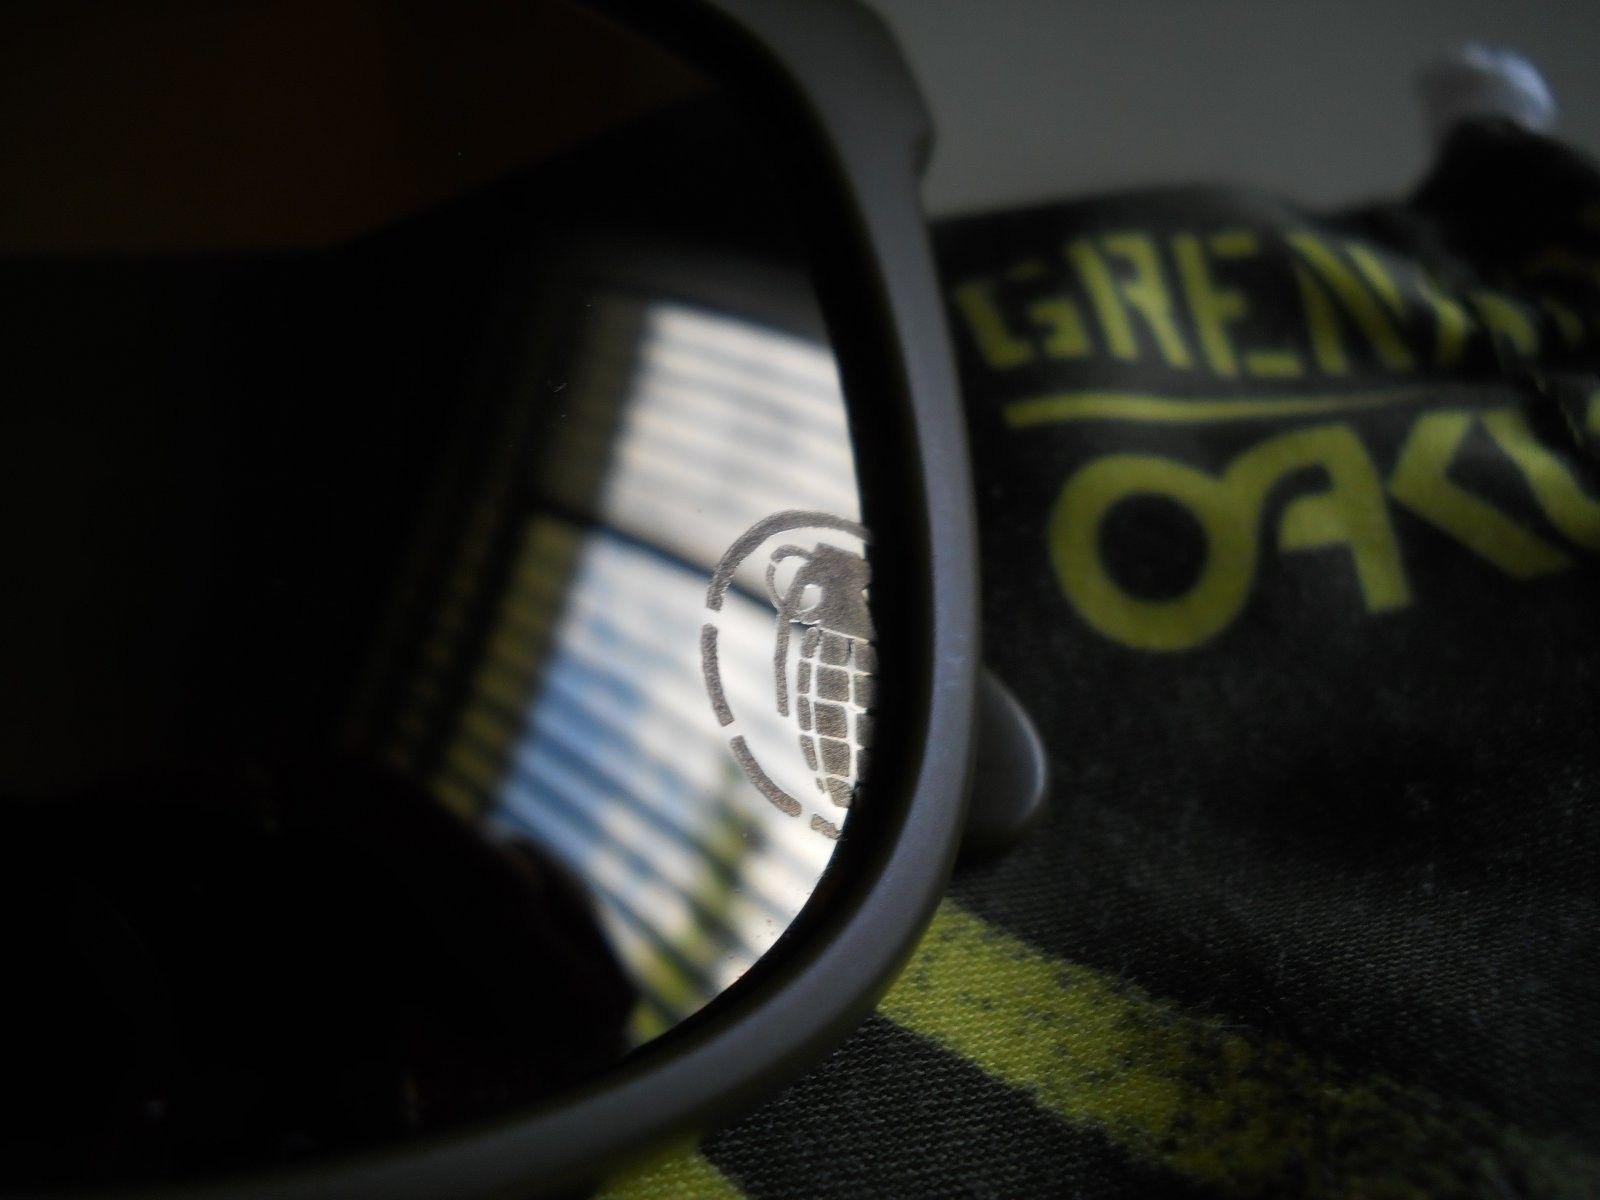 SOLD - Matte Olive Grenade X Frogskins - 008.JPG